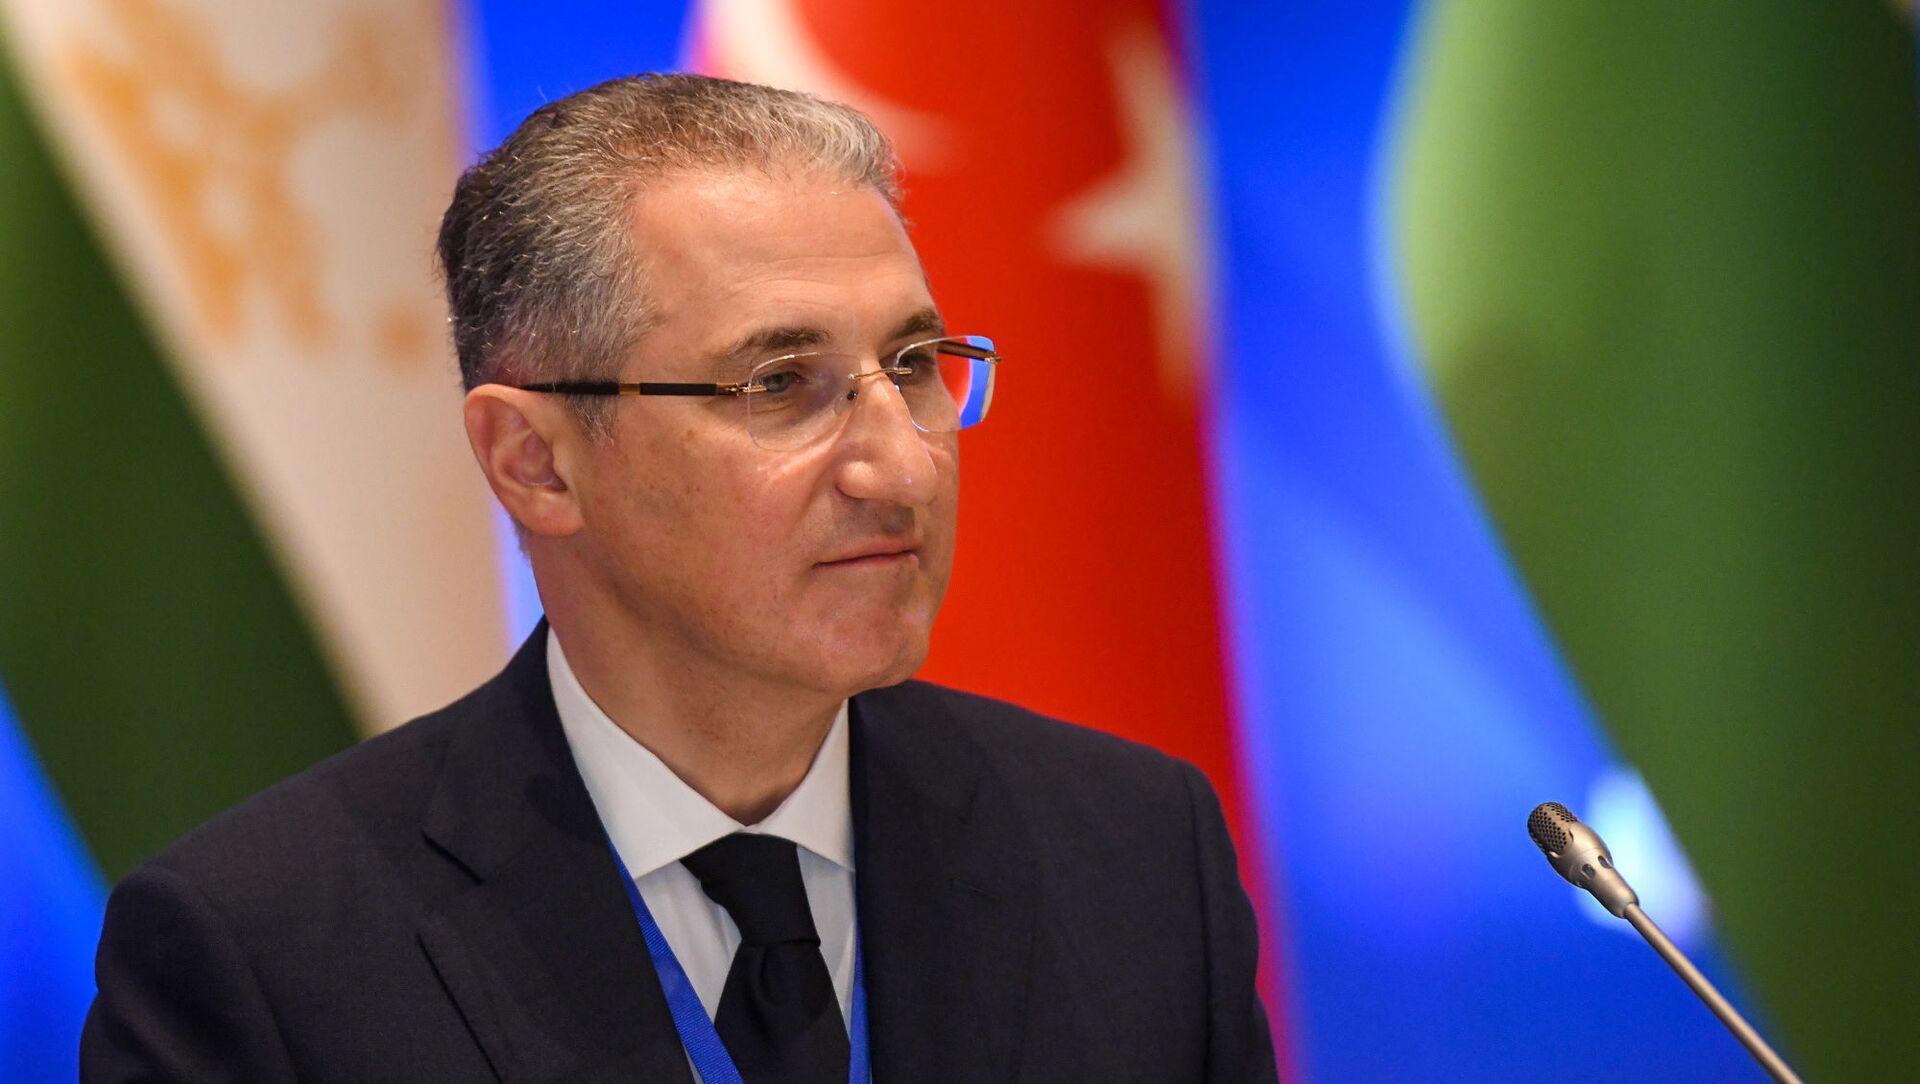 Министр экологии и природных ресурсов Мухтар Бабаев - Sputnik Azərbaycan, 1920, 17.09.2021